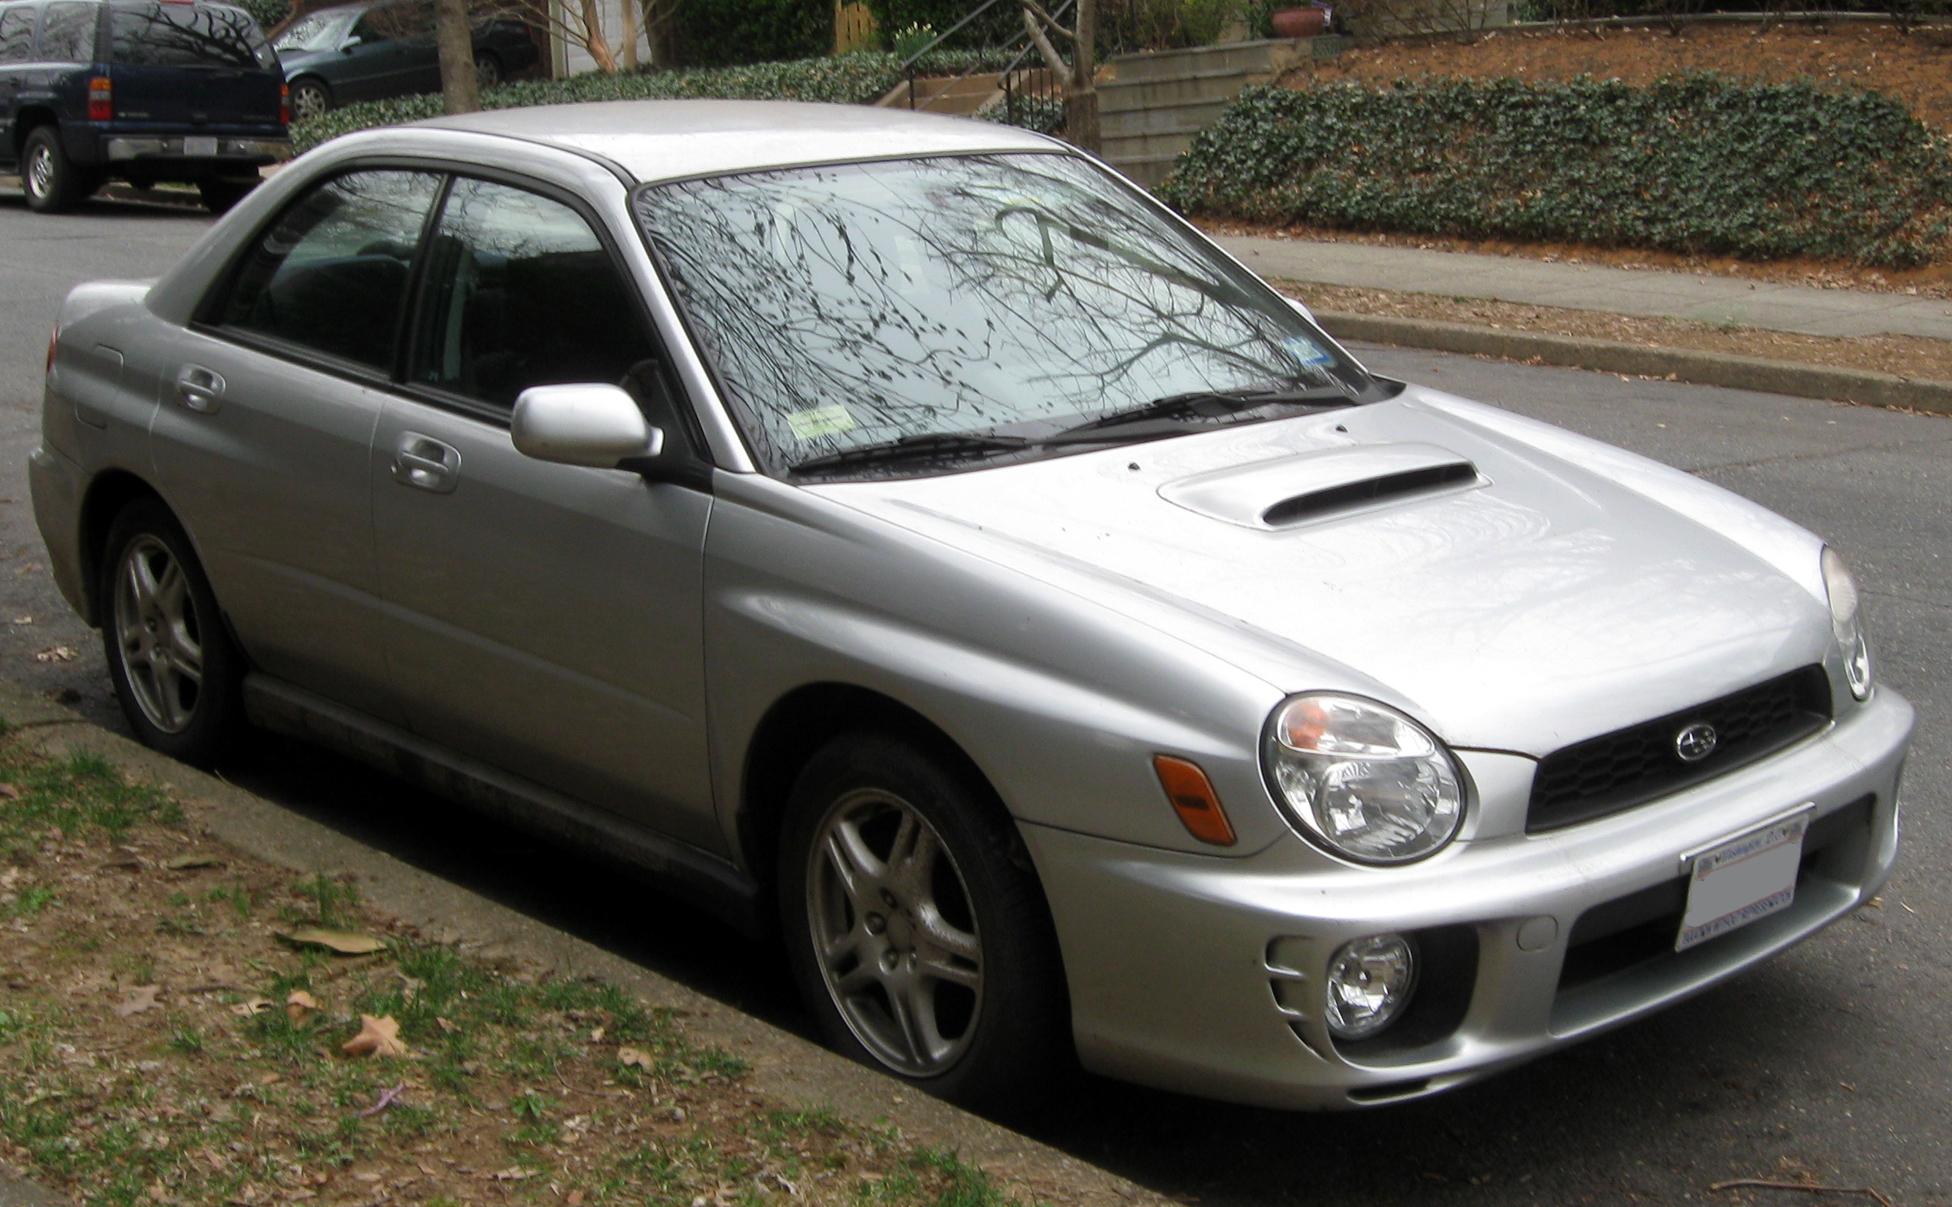 2003 Subaru Impreza 2.5 RS - Sedan AWD Manual